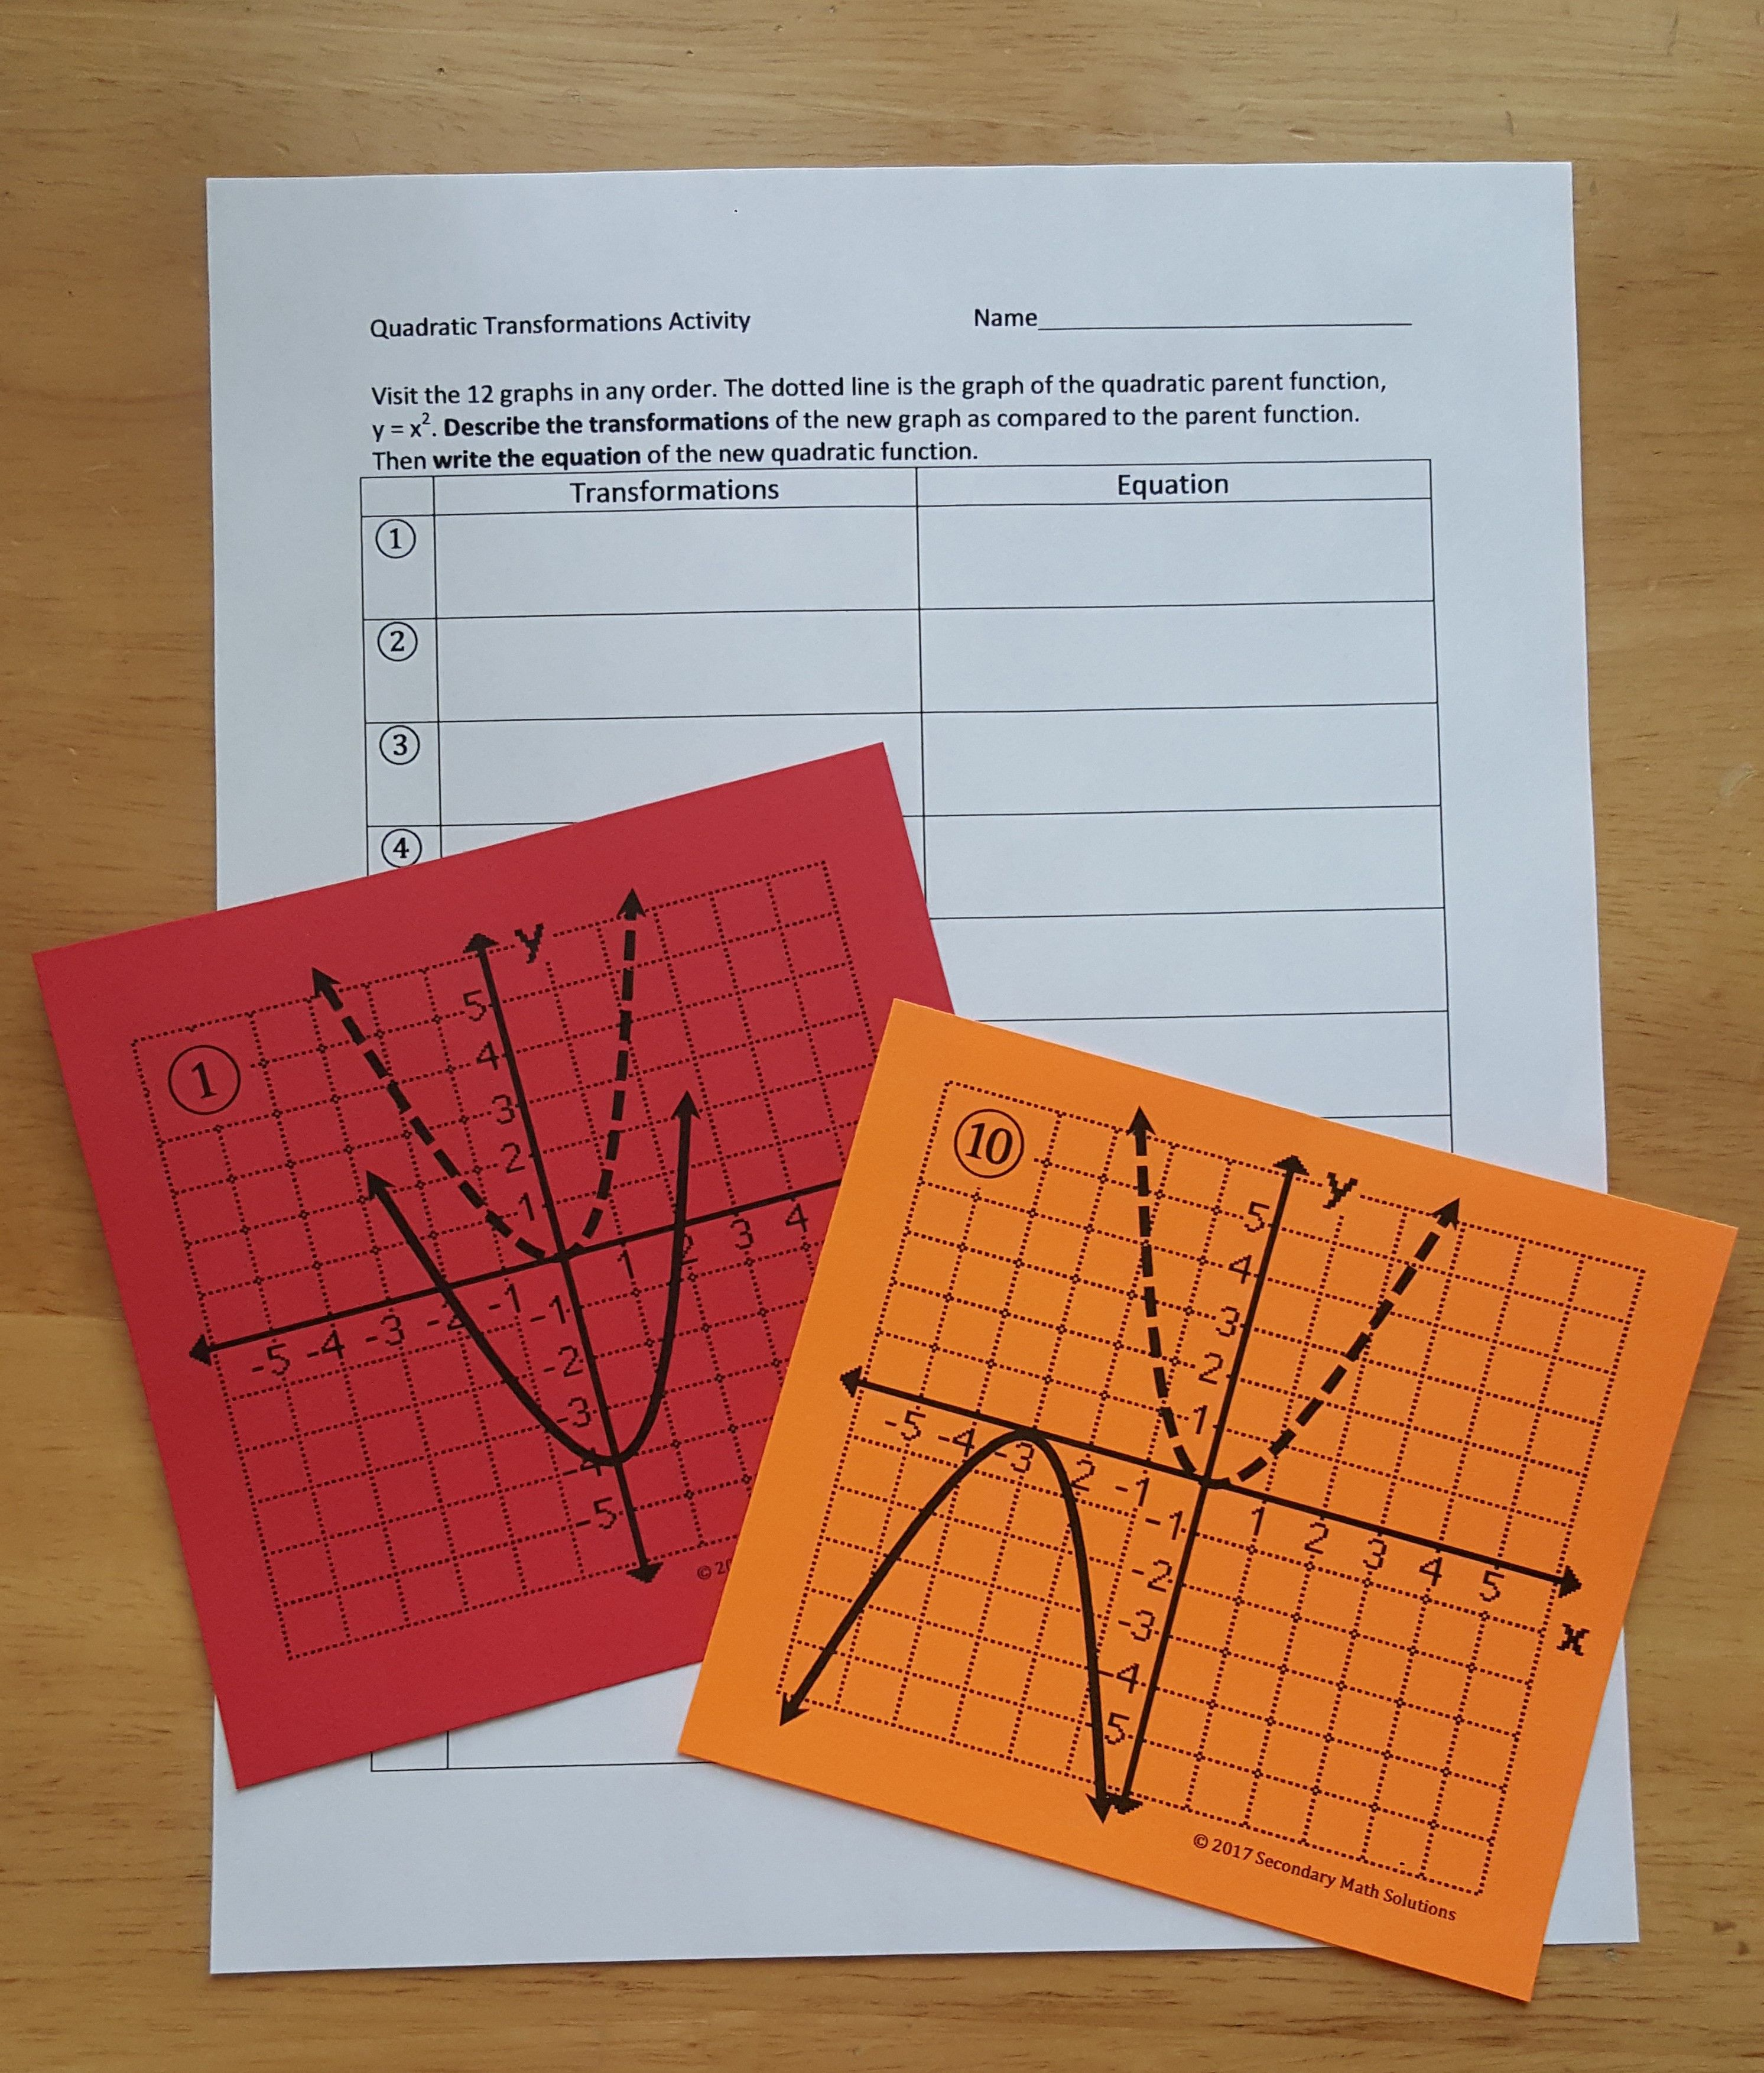 Quadratic Transformations Activity A7c